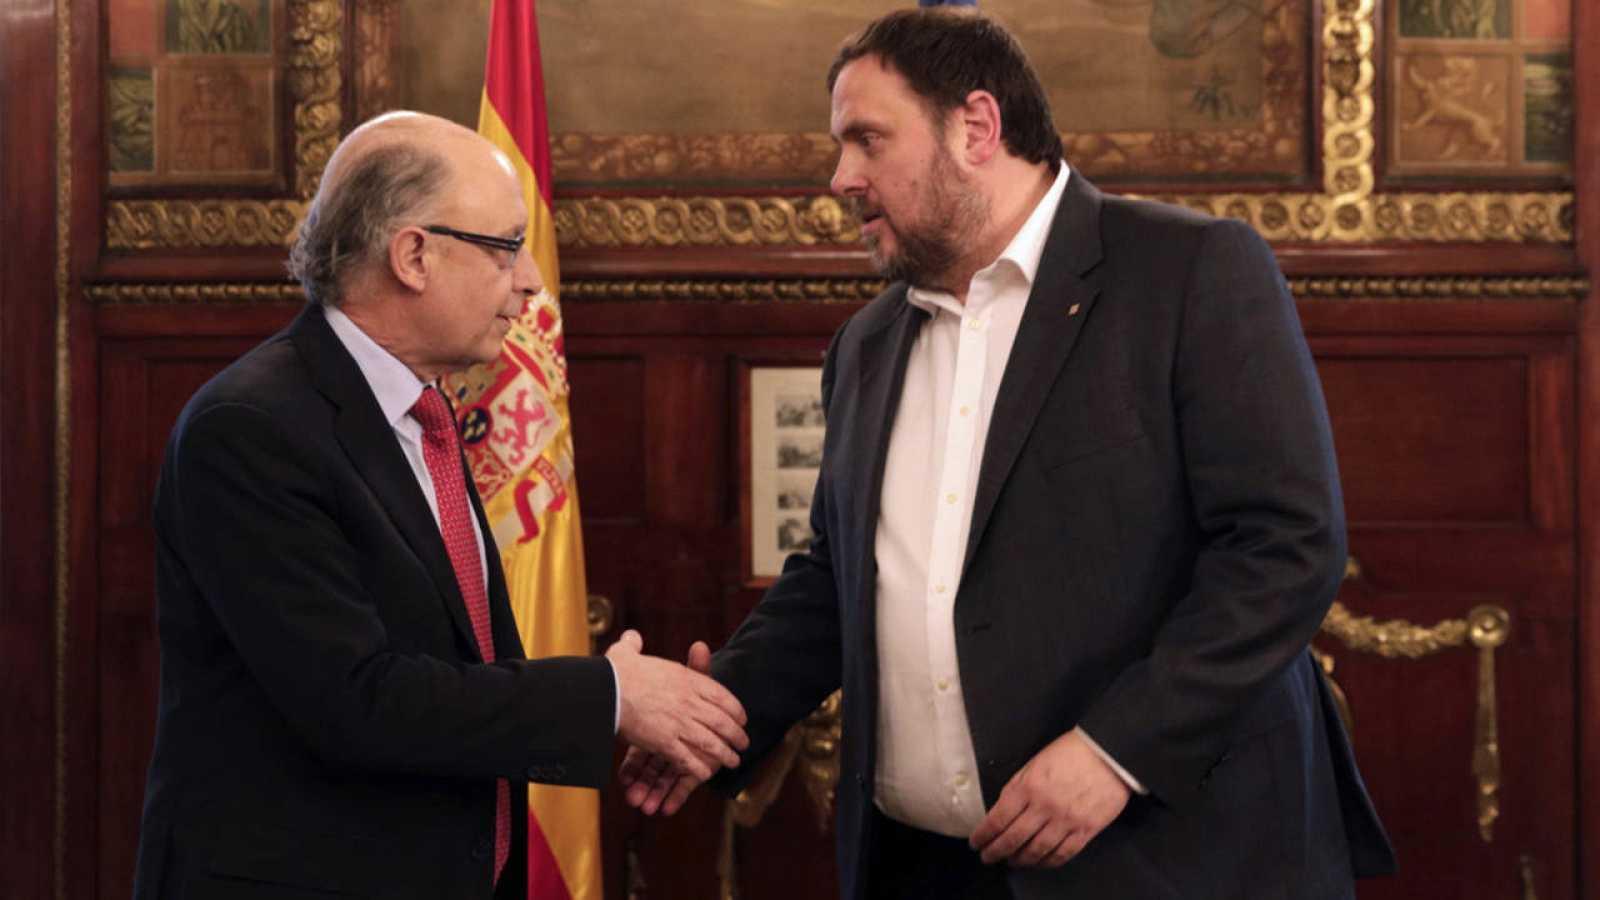 El ministro de Hacienda y Administraciones Públicas, Cristóbal Montoro, recibe al vicepresidente y conseller económico de la Generalitat, Oriol Junqueras